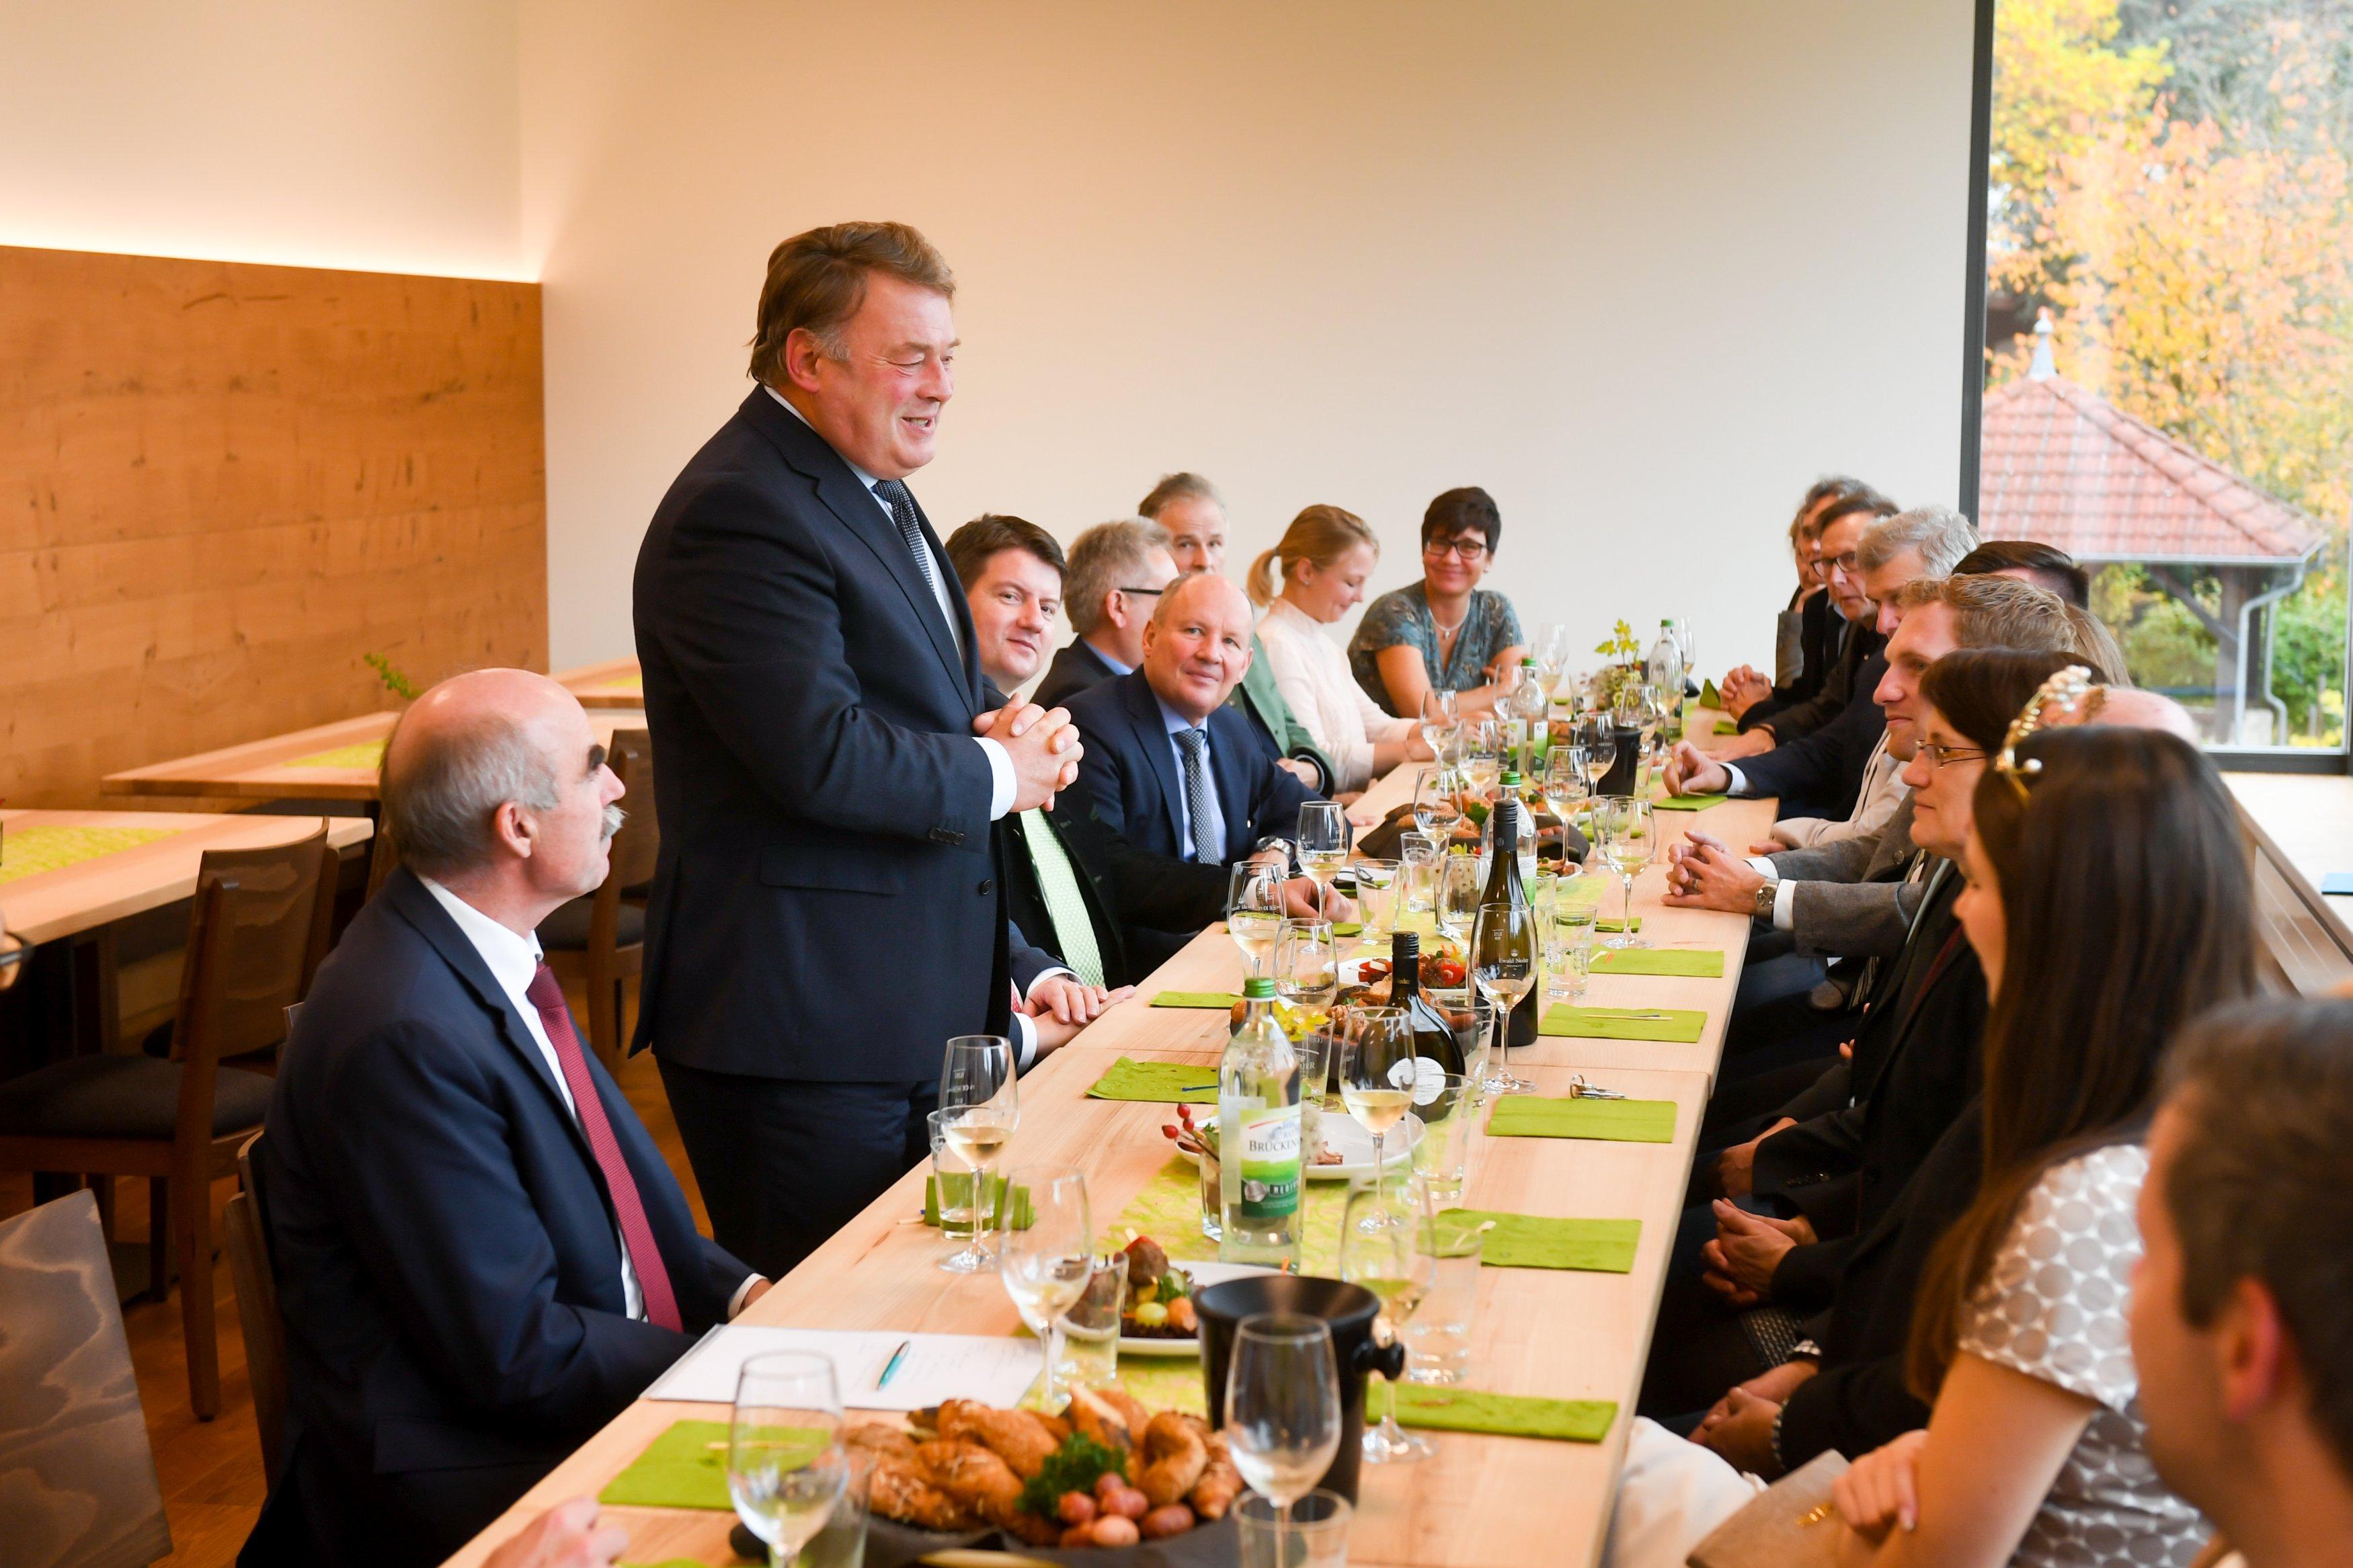 Weingut Neder: Diskussionsrunde mit Landwirtschaftsminister Helmut Brunner